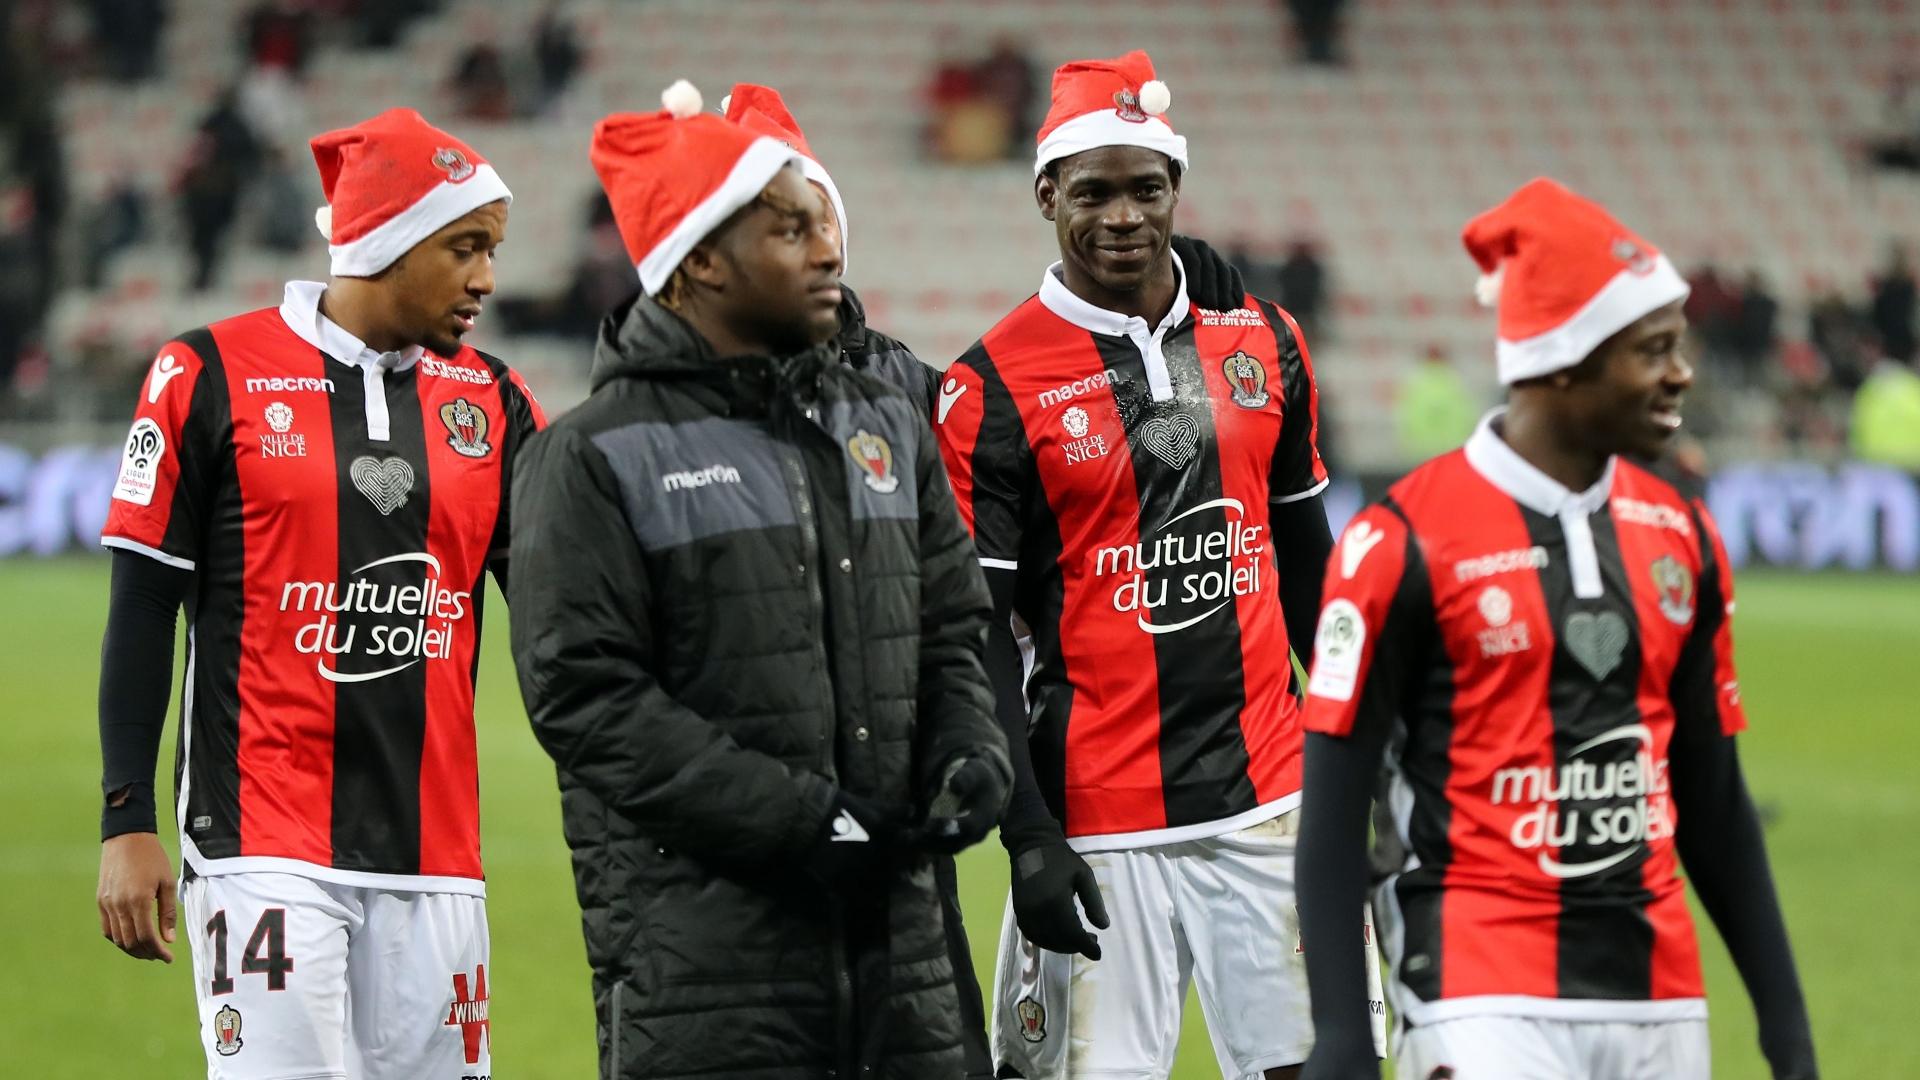 Nice in Santa hats